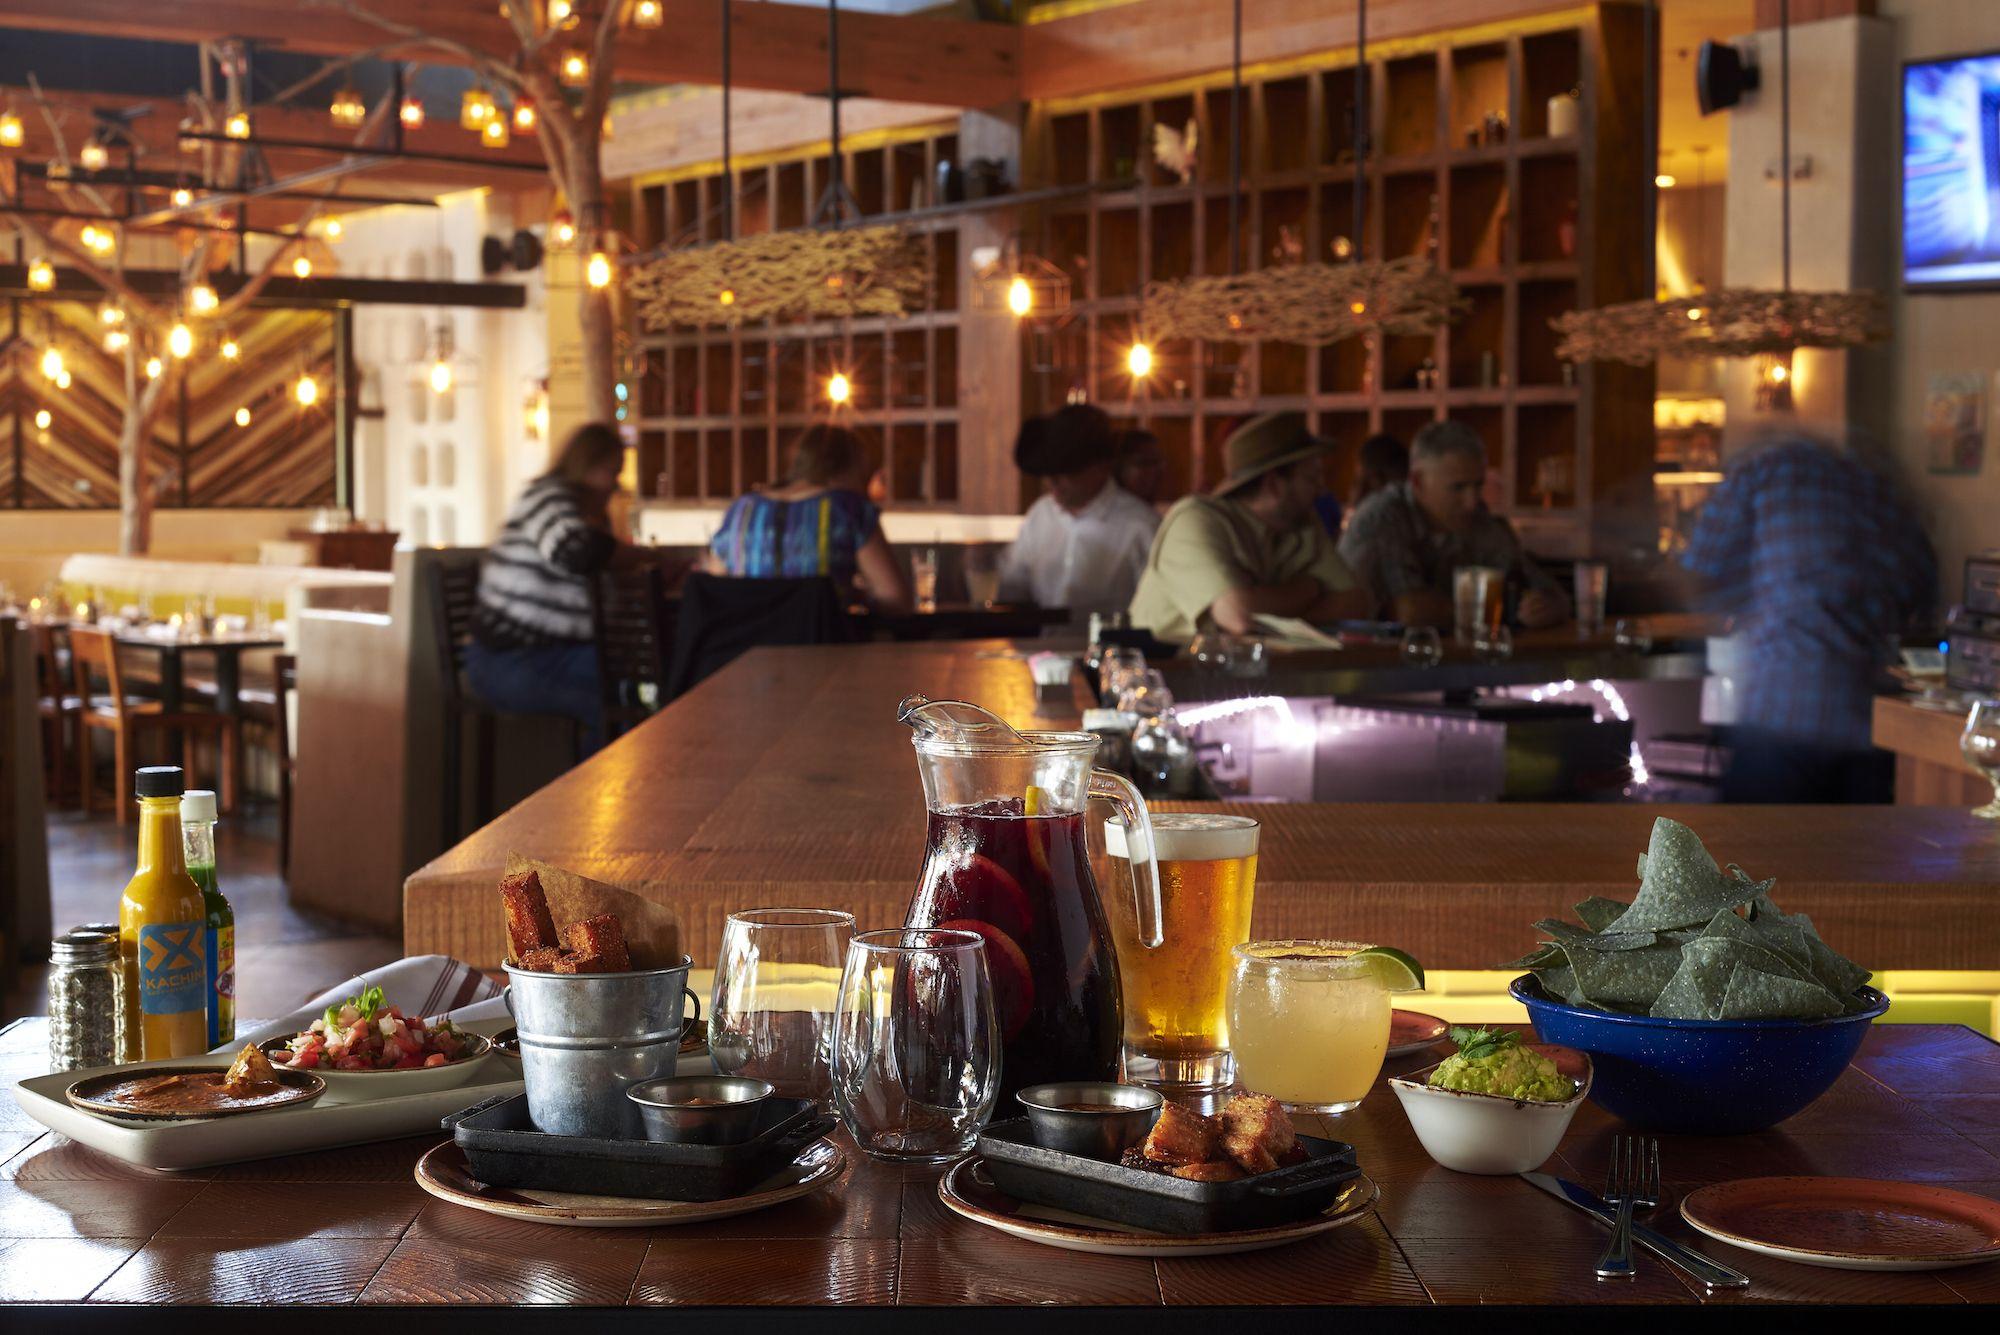 Top 10 Restaurants In Broomfield Colorado Top 10